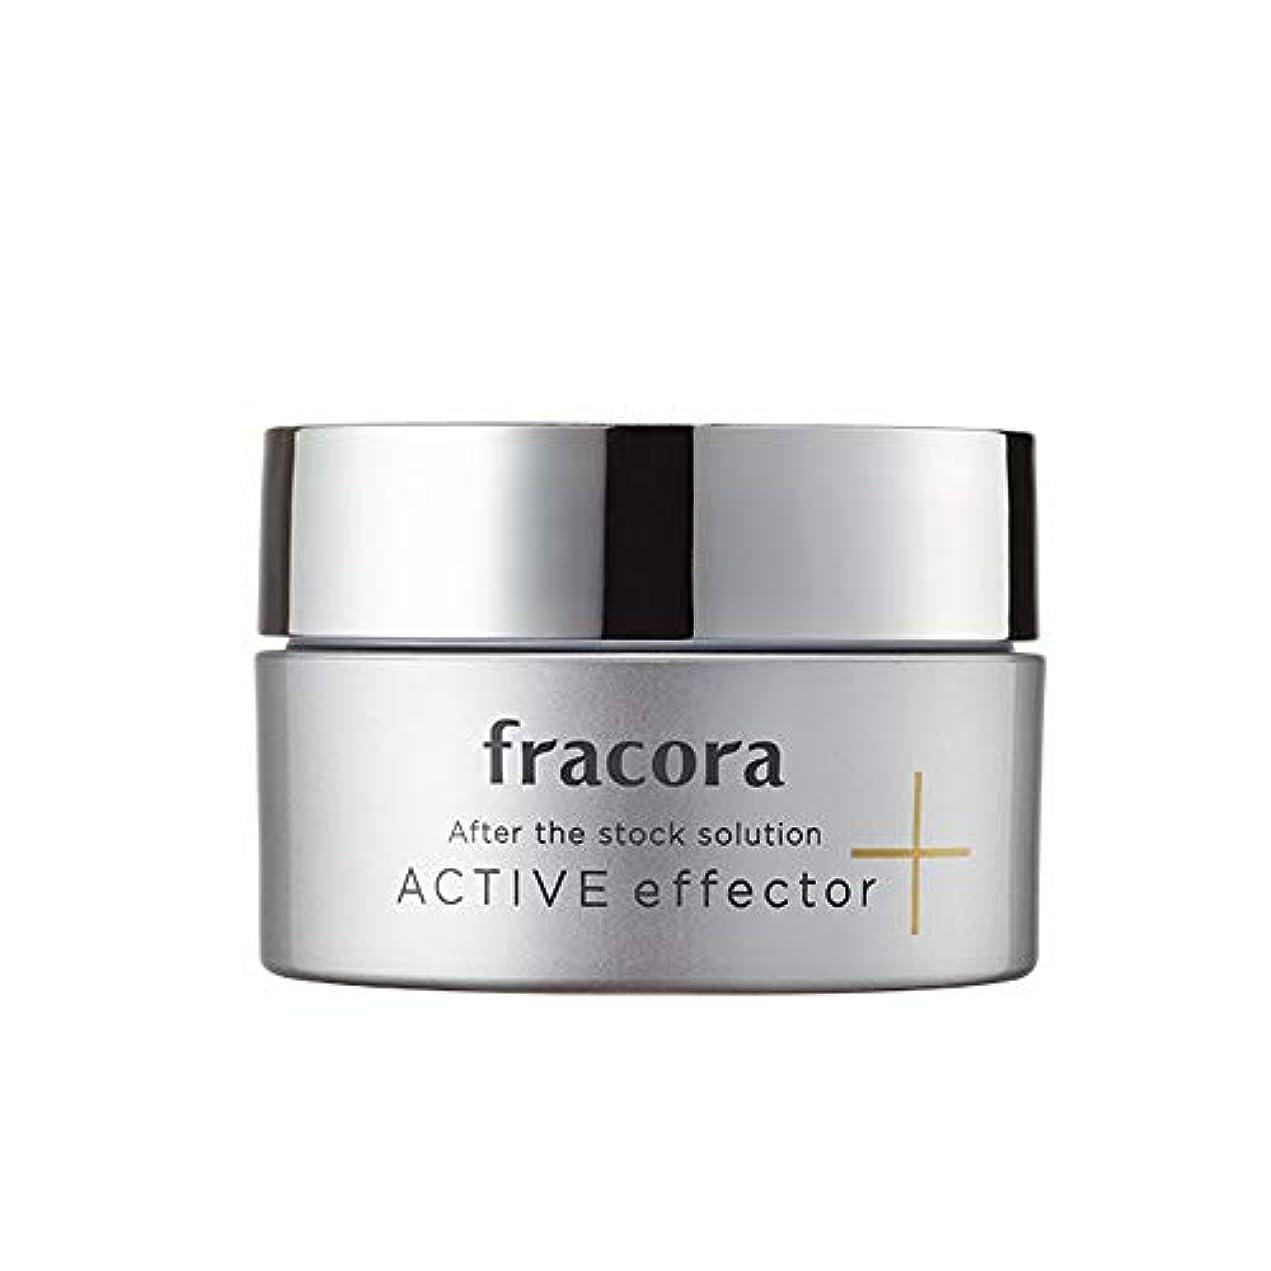 ごめんなさい疑問を超えて人に関する限りfracora(フラコラ) クリーム アクティブ エフェクター 50g